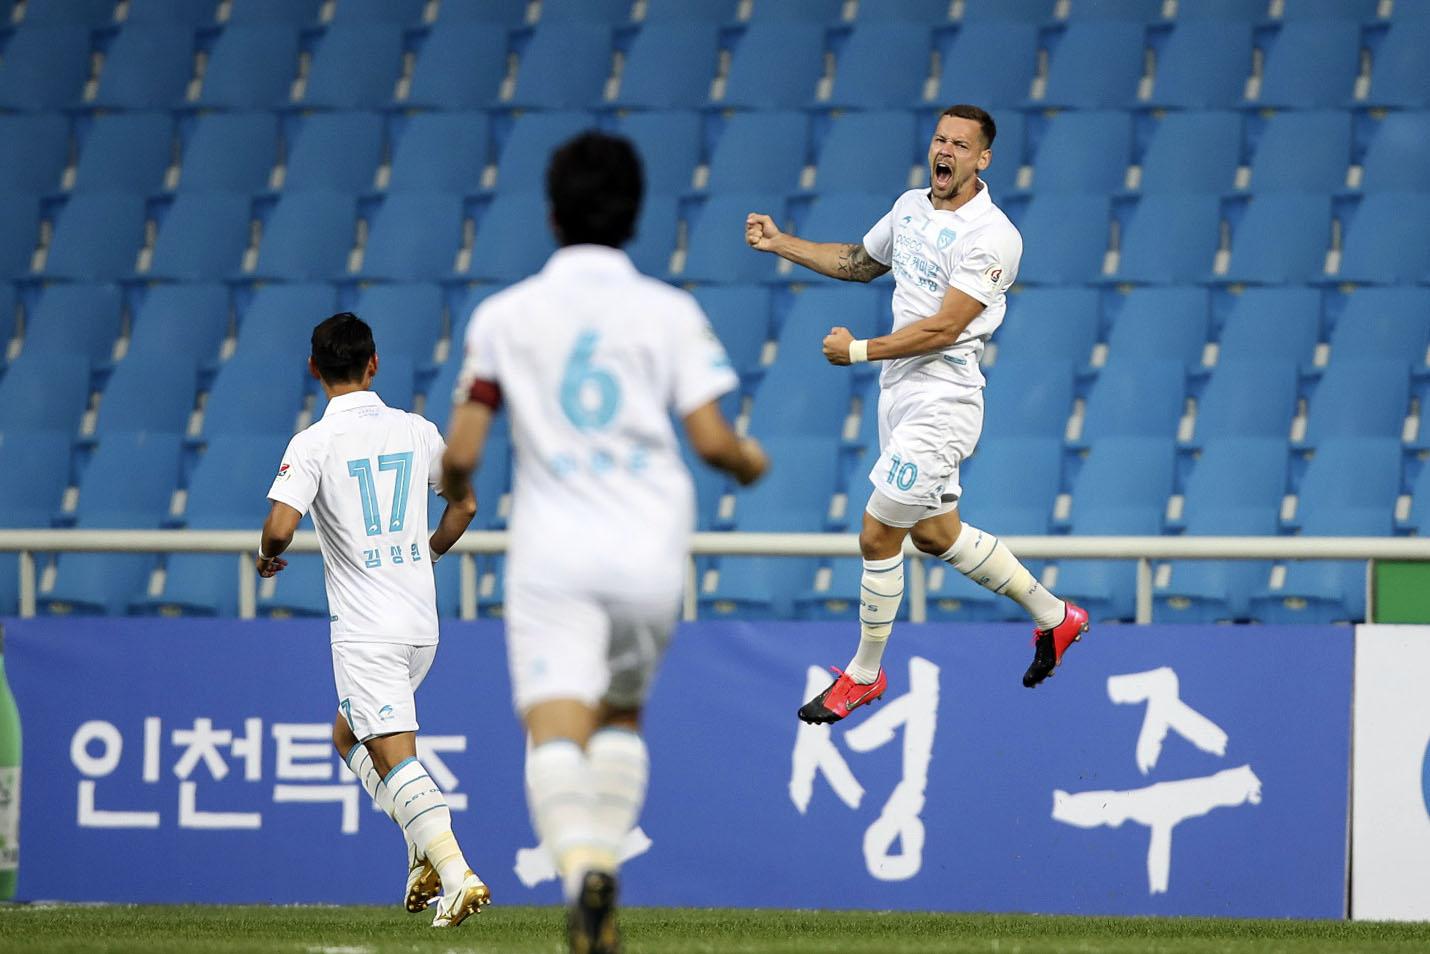 '2경기 연속골' 포항 일류첸코, K리그1 4라운드 MVP...베스트팀도 포항